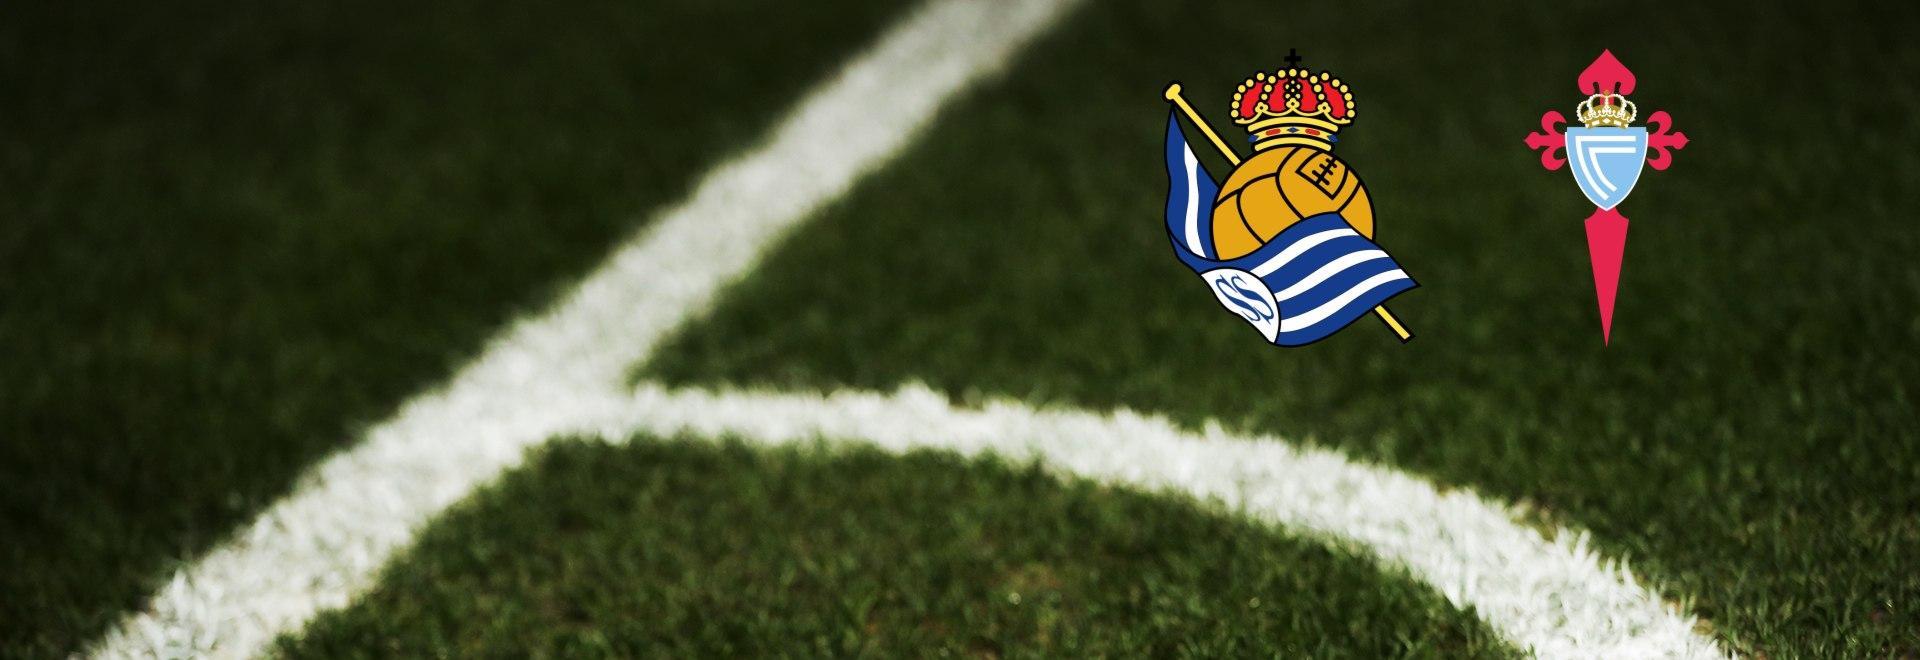 Real Sociedad - Celta Vigo. 31a g.